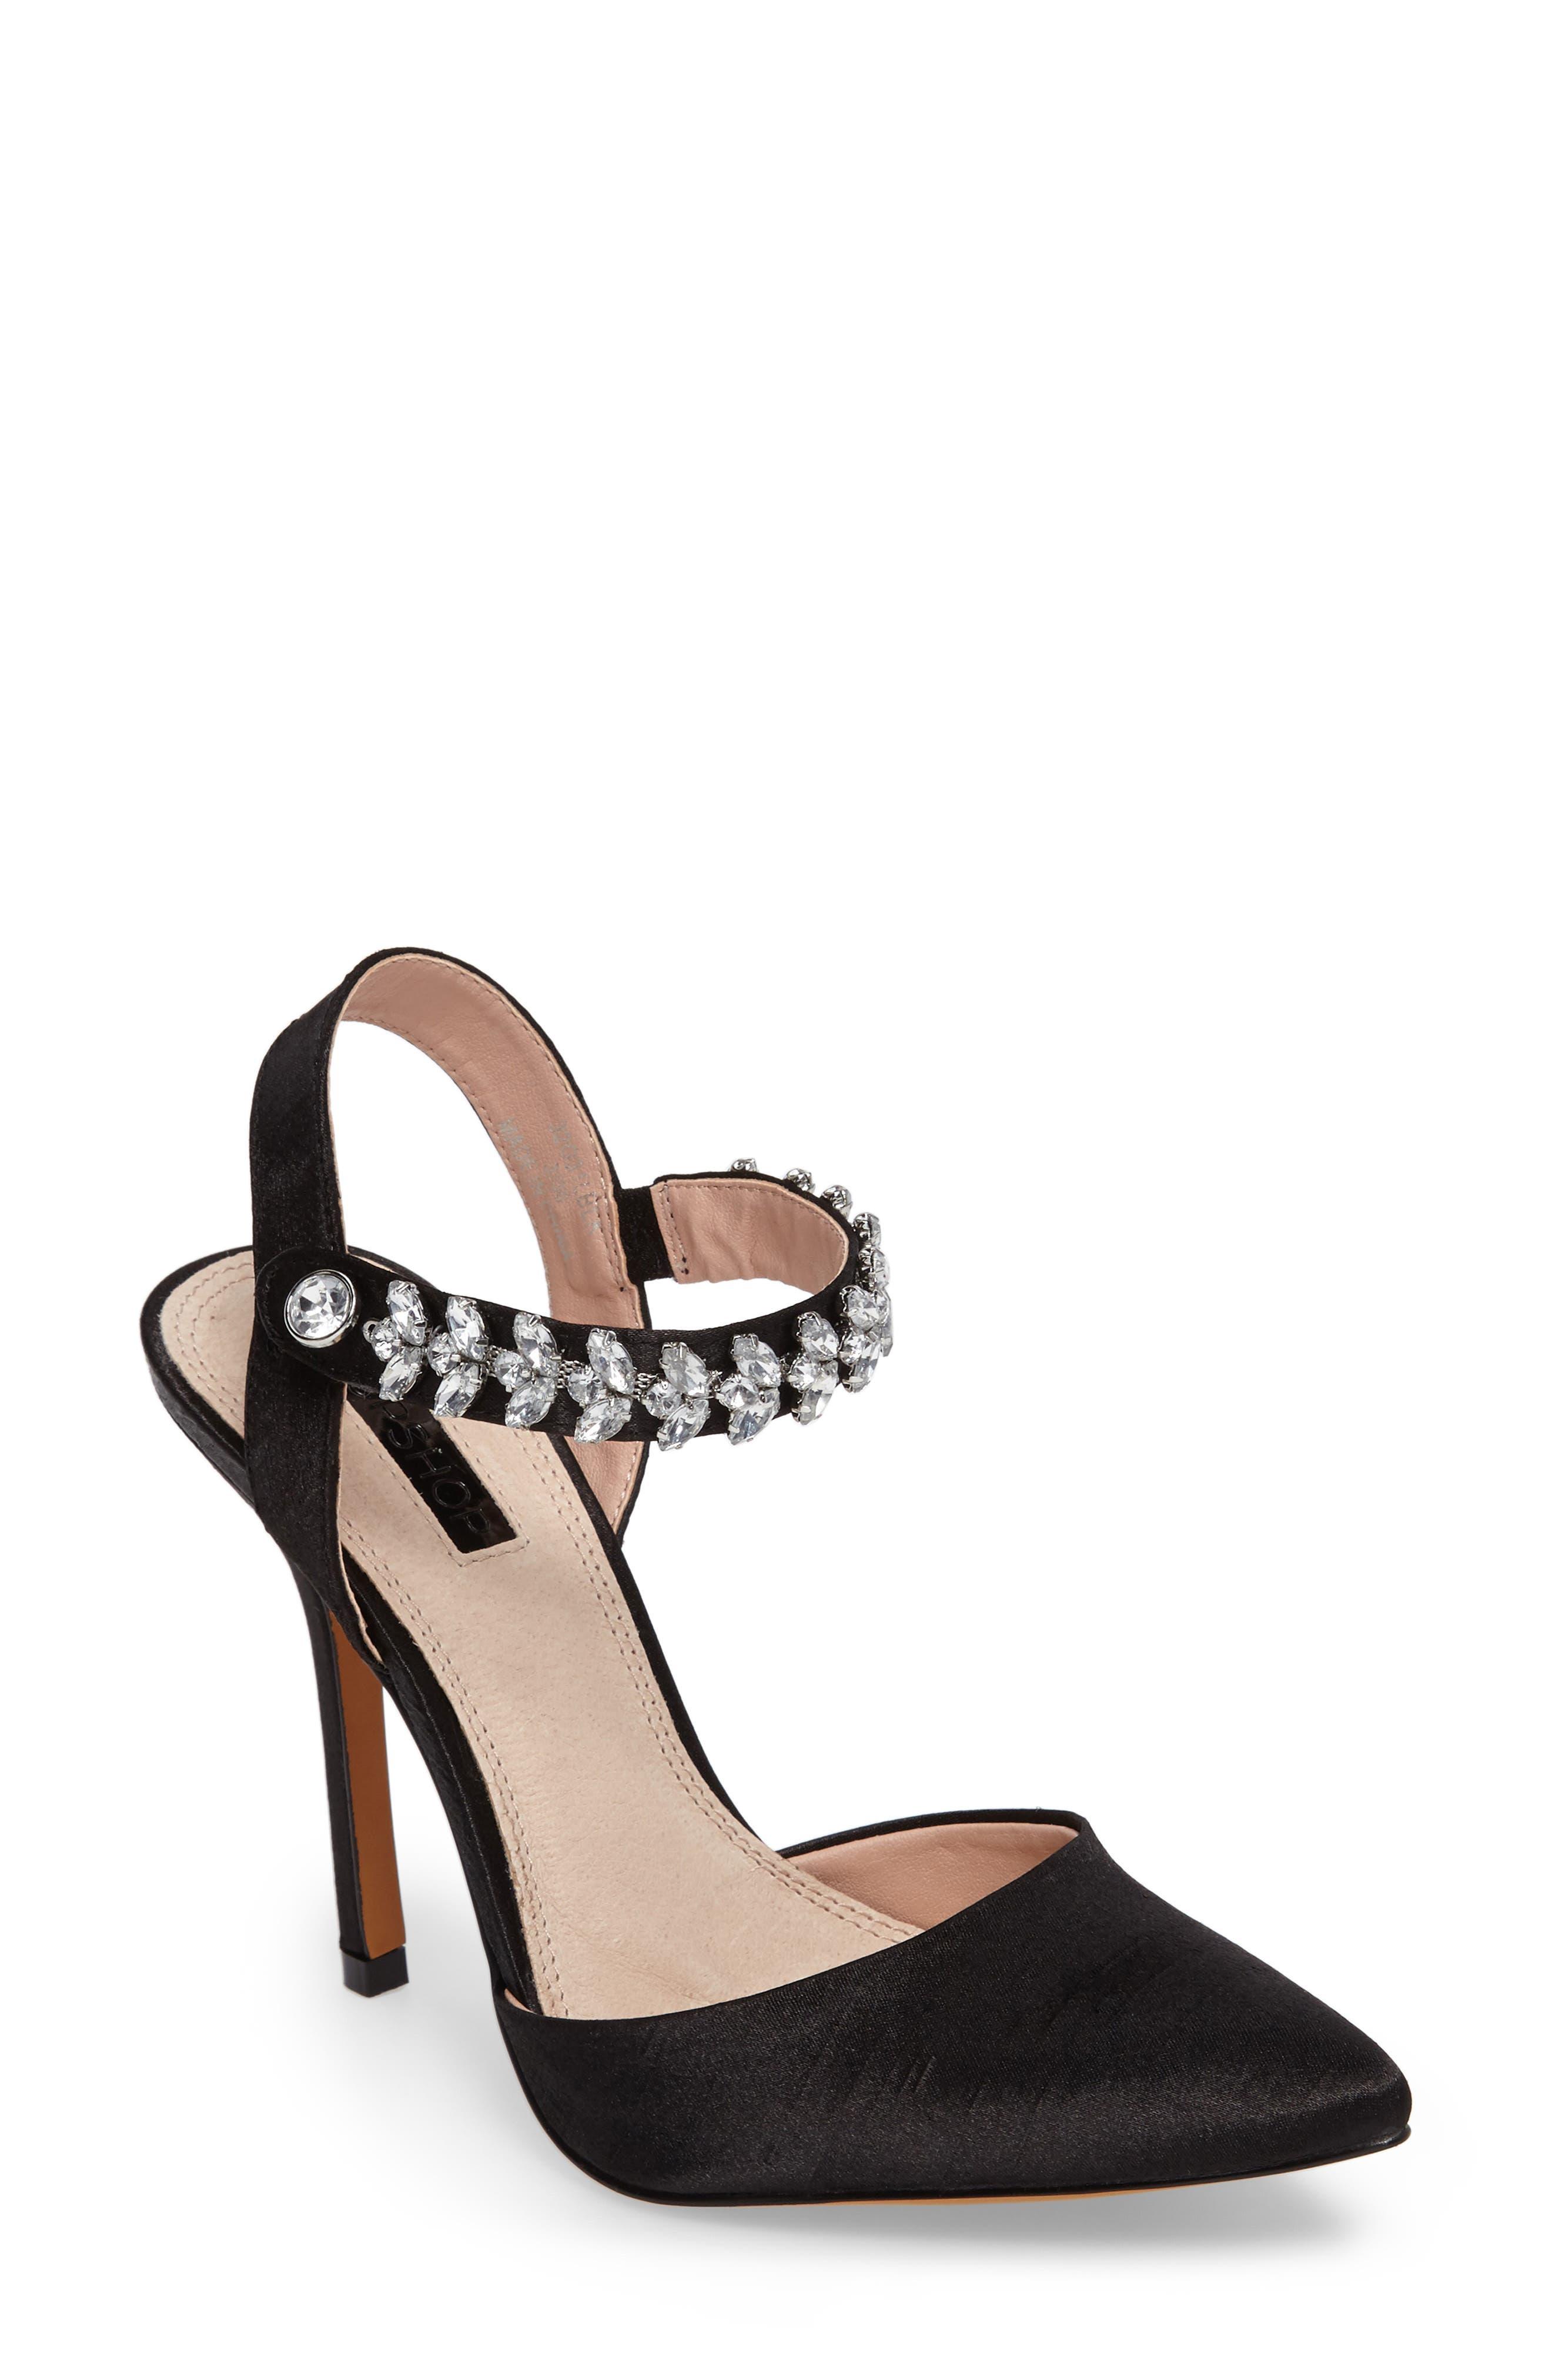 Alternate Image 1 Selected - Topshop Embellished Ankle Strap Pump (Women)